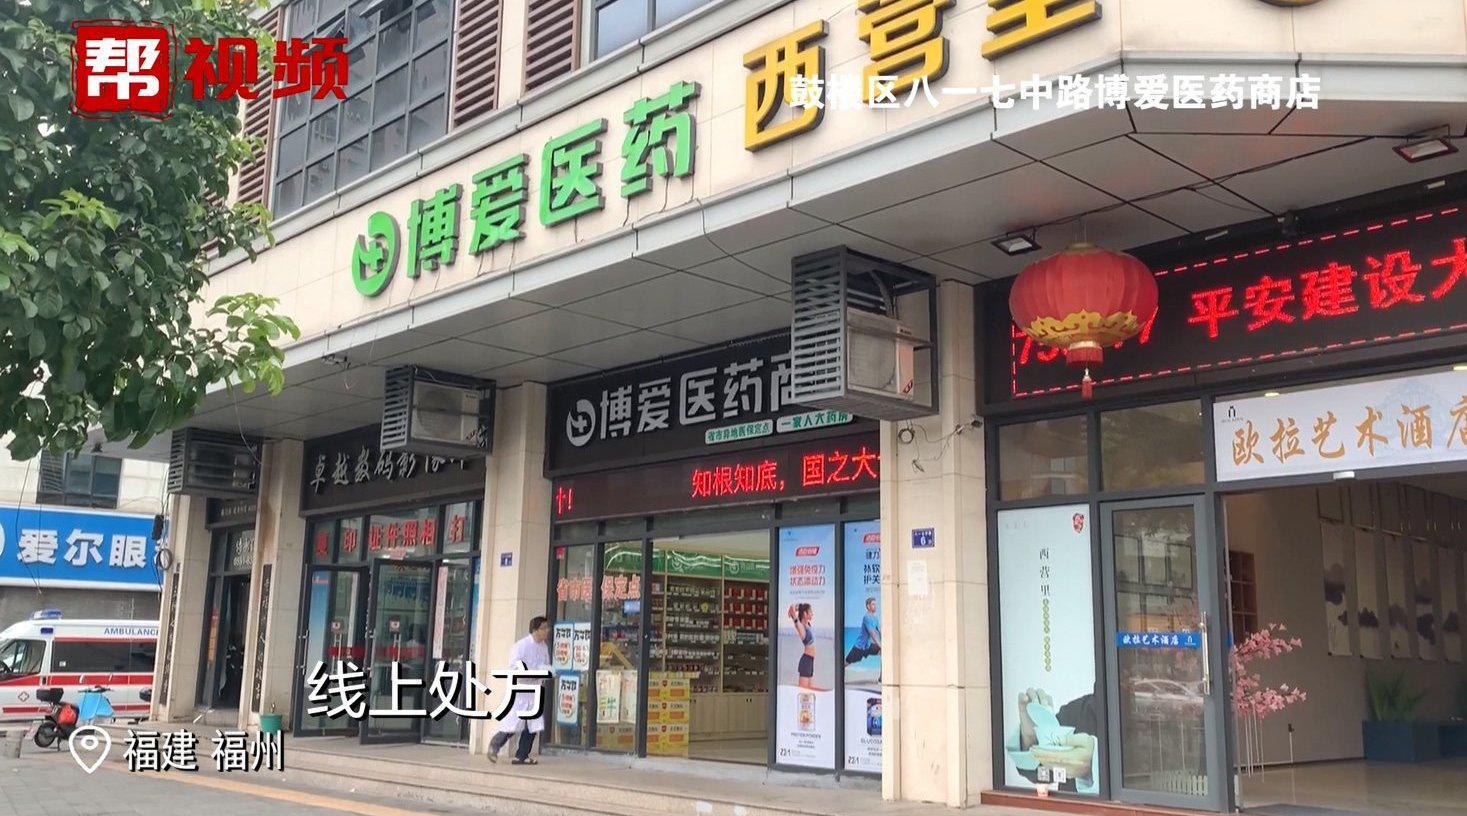 博爱医药,福州八一七中路店,店员曾拿着记者手机操作代替开处方